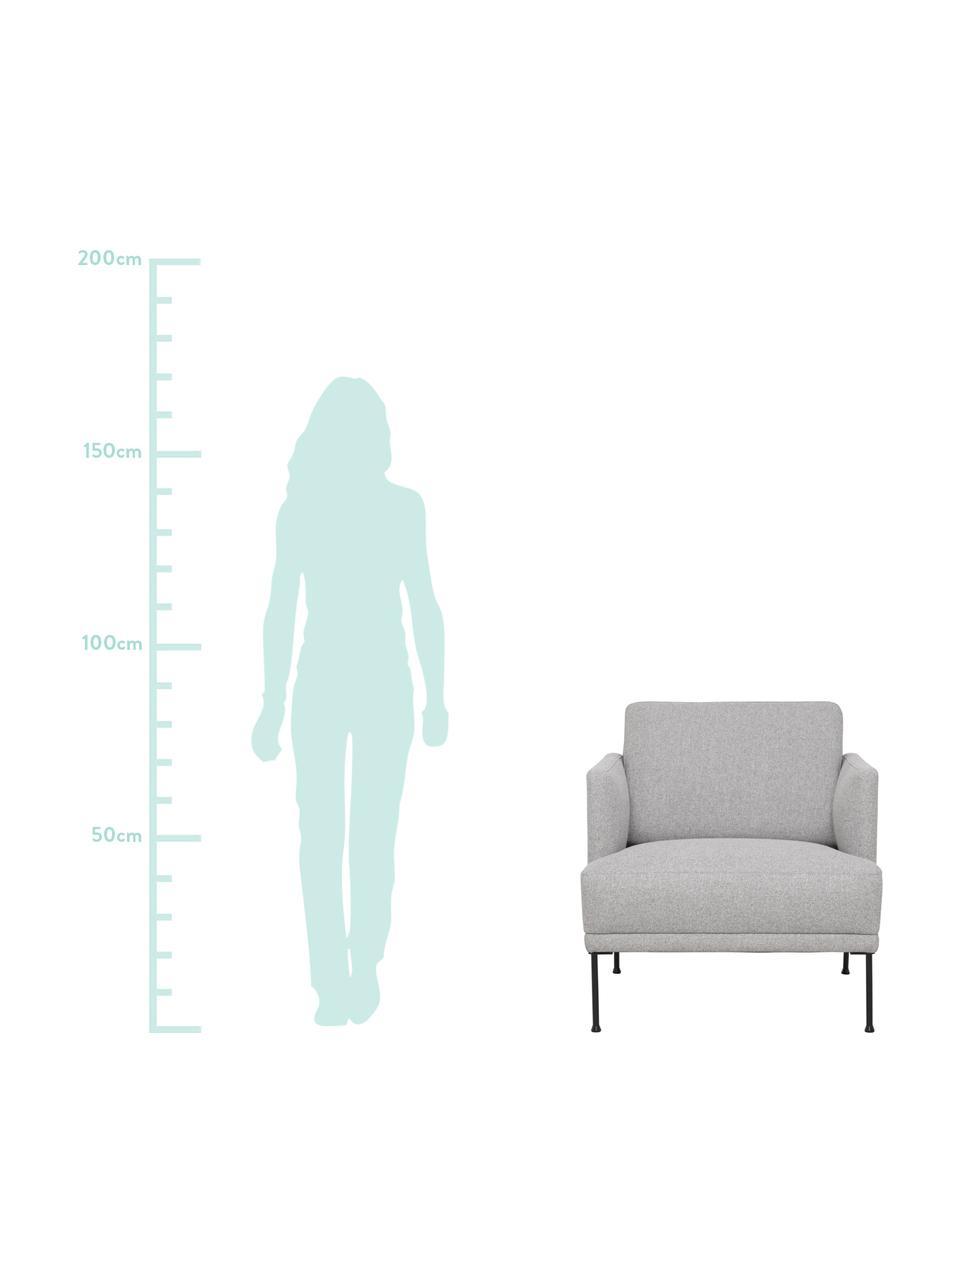 Fotel z metalowymi nogami Fluente, Tapicerka: 80% poliester, 20% ramia , Nogi: metal malowany proszkowo, Jasny szary, S 74 x G 85 cm